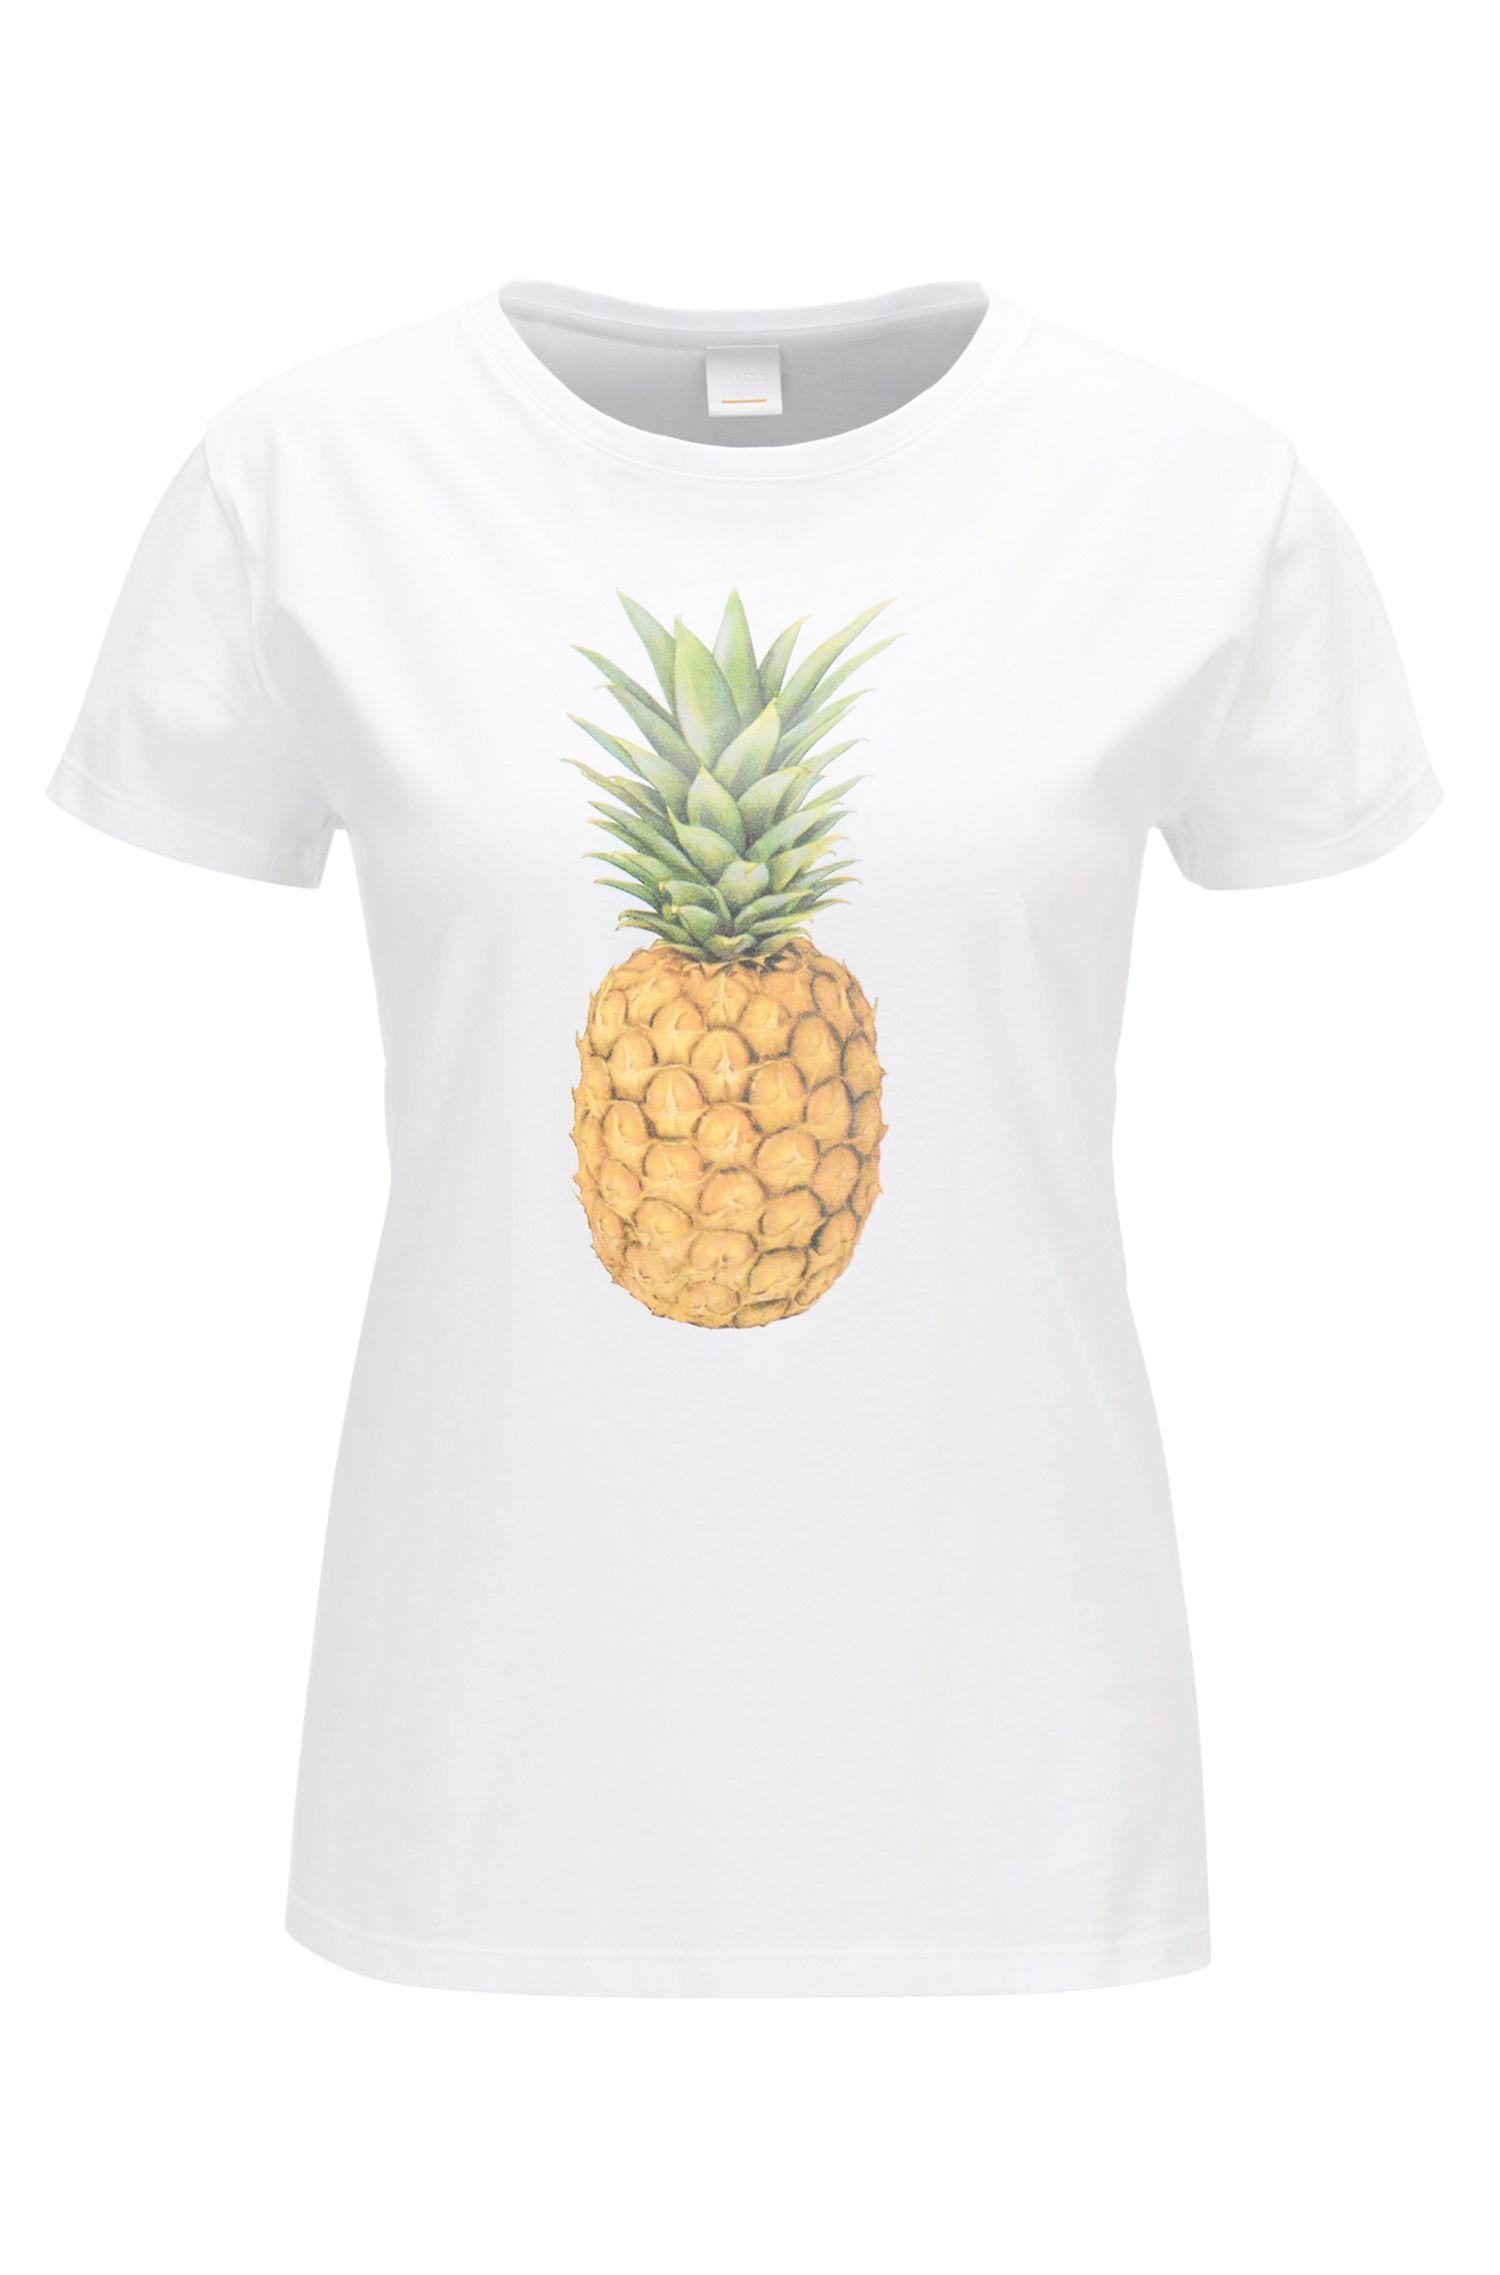 T-Shirt aus Baumwoll-Jersey mit Ananas-Print